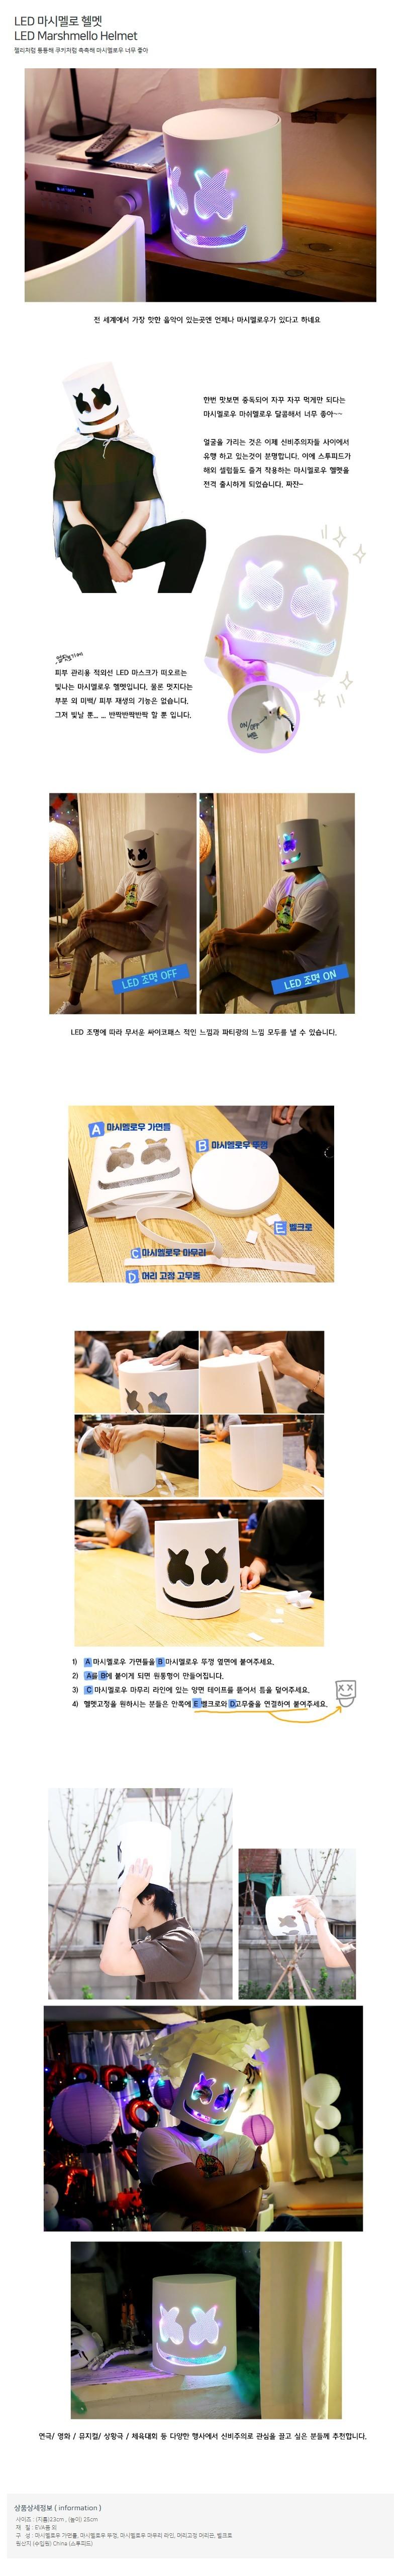 LED 마시멜로 헬멧 - 스투피드, 18,000원, 파티의상/잡화, 모자/고깔